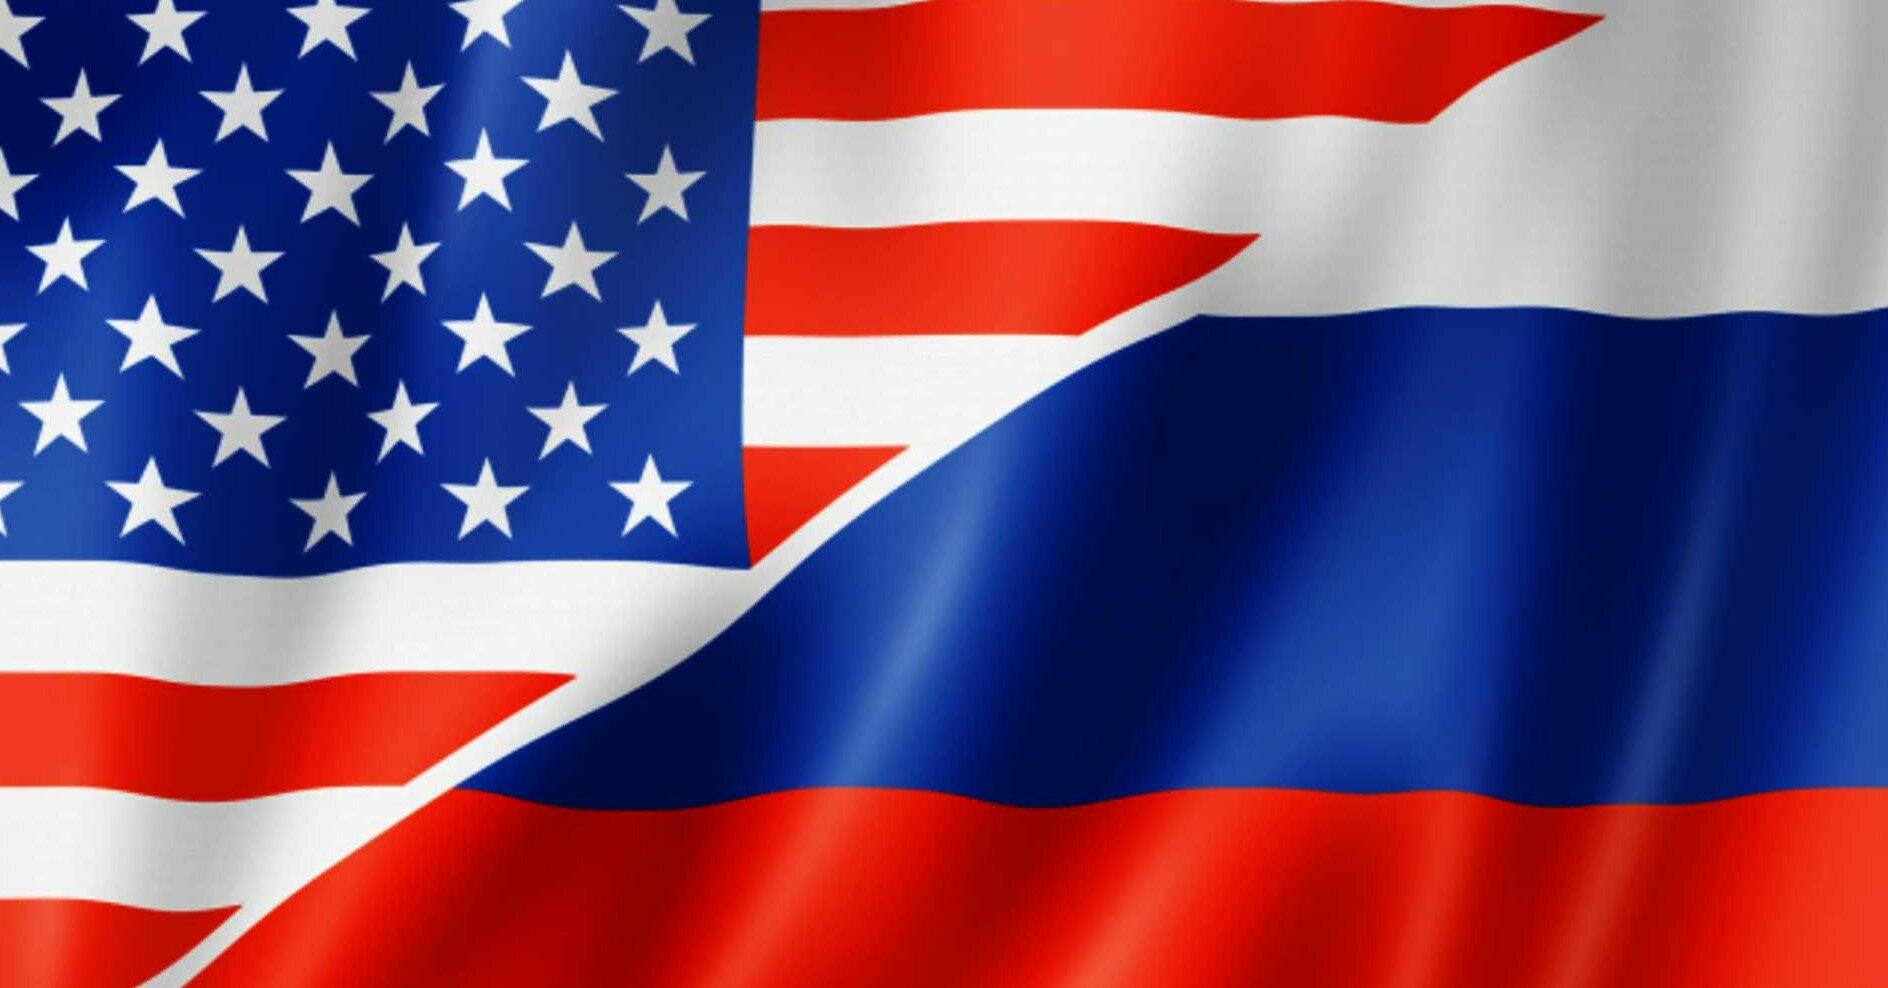 Путин и Байден могут обсудить тему Украины - Кремль